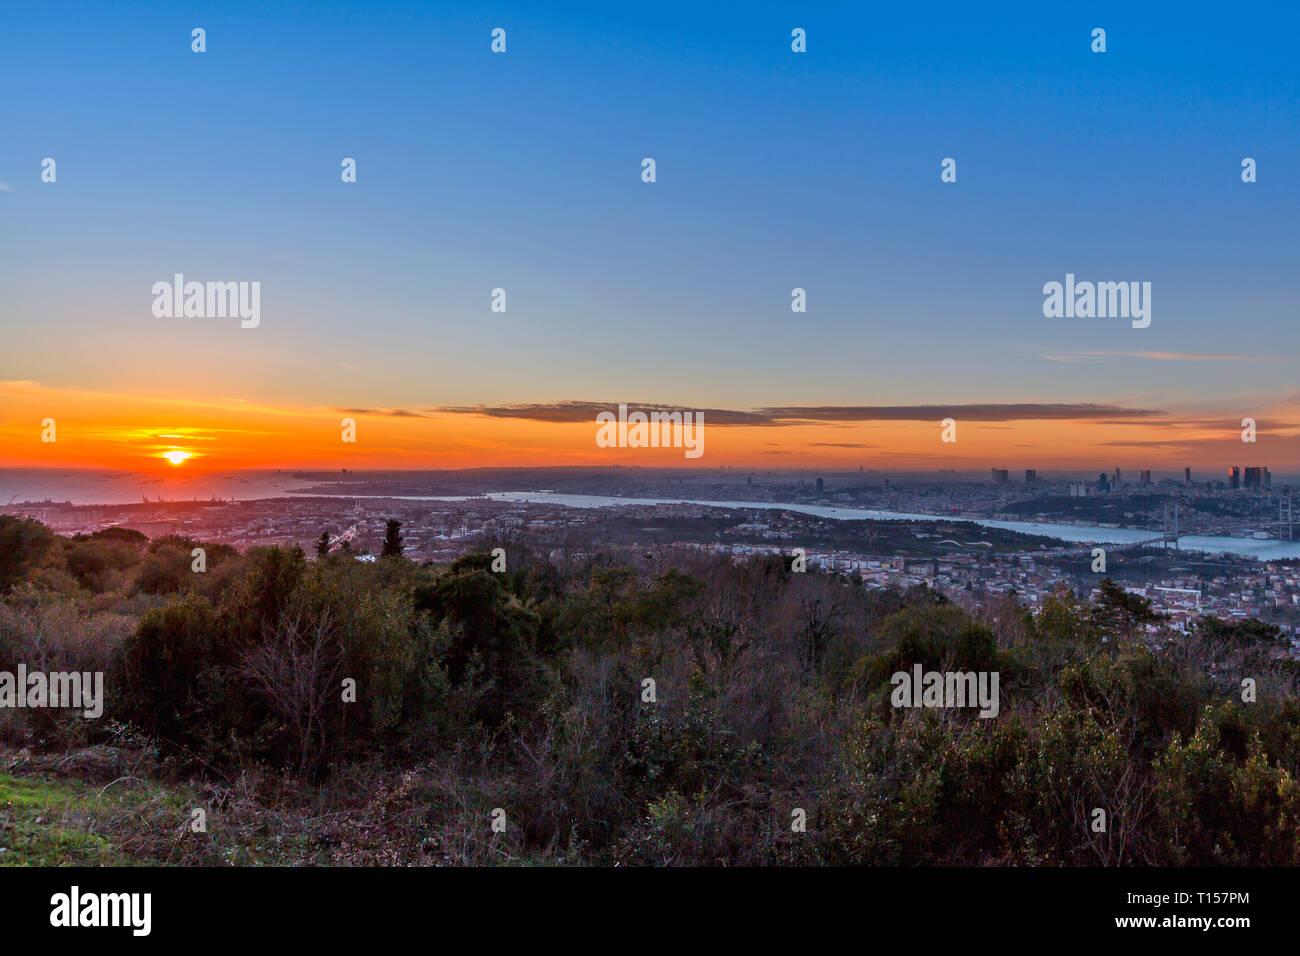 Istanbul, Turkey, 19 January 2018: Sunset of Bosphorus and Bridge - Stock Image